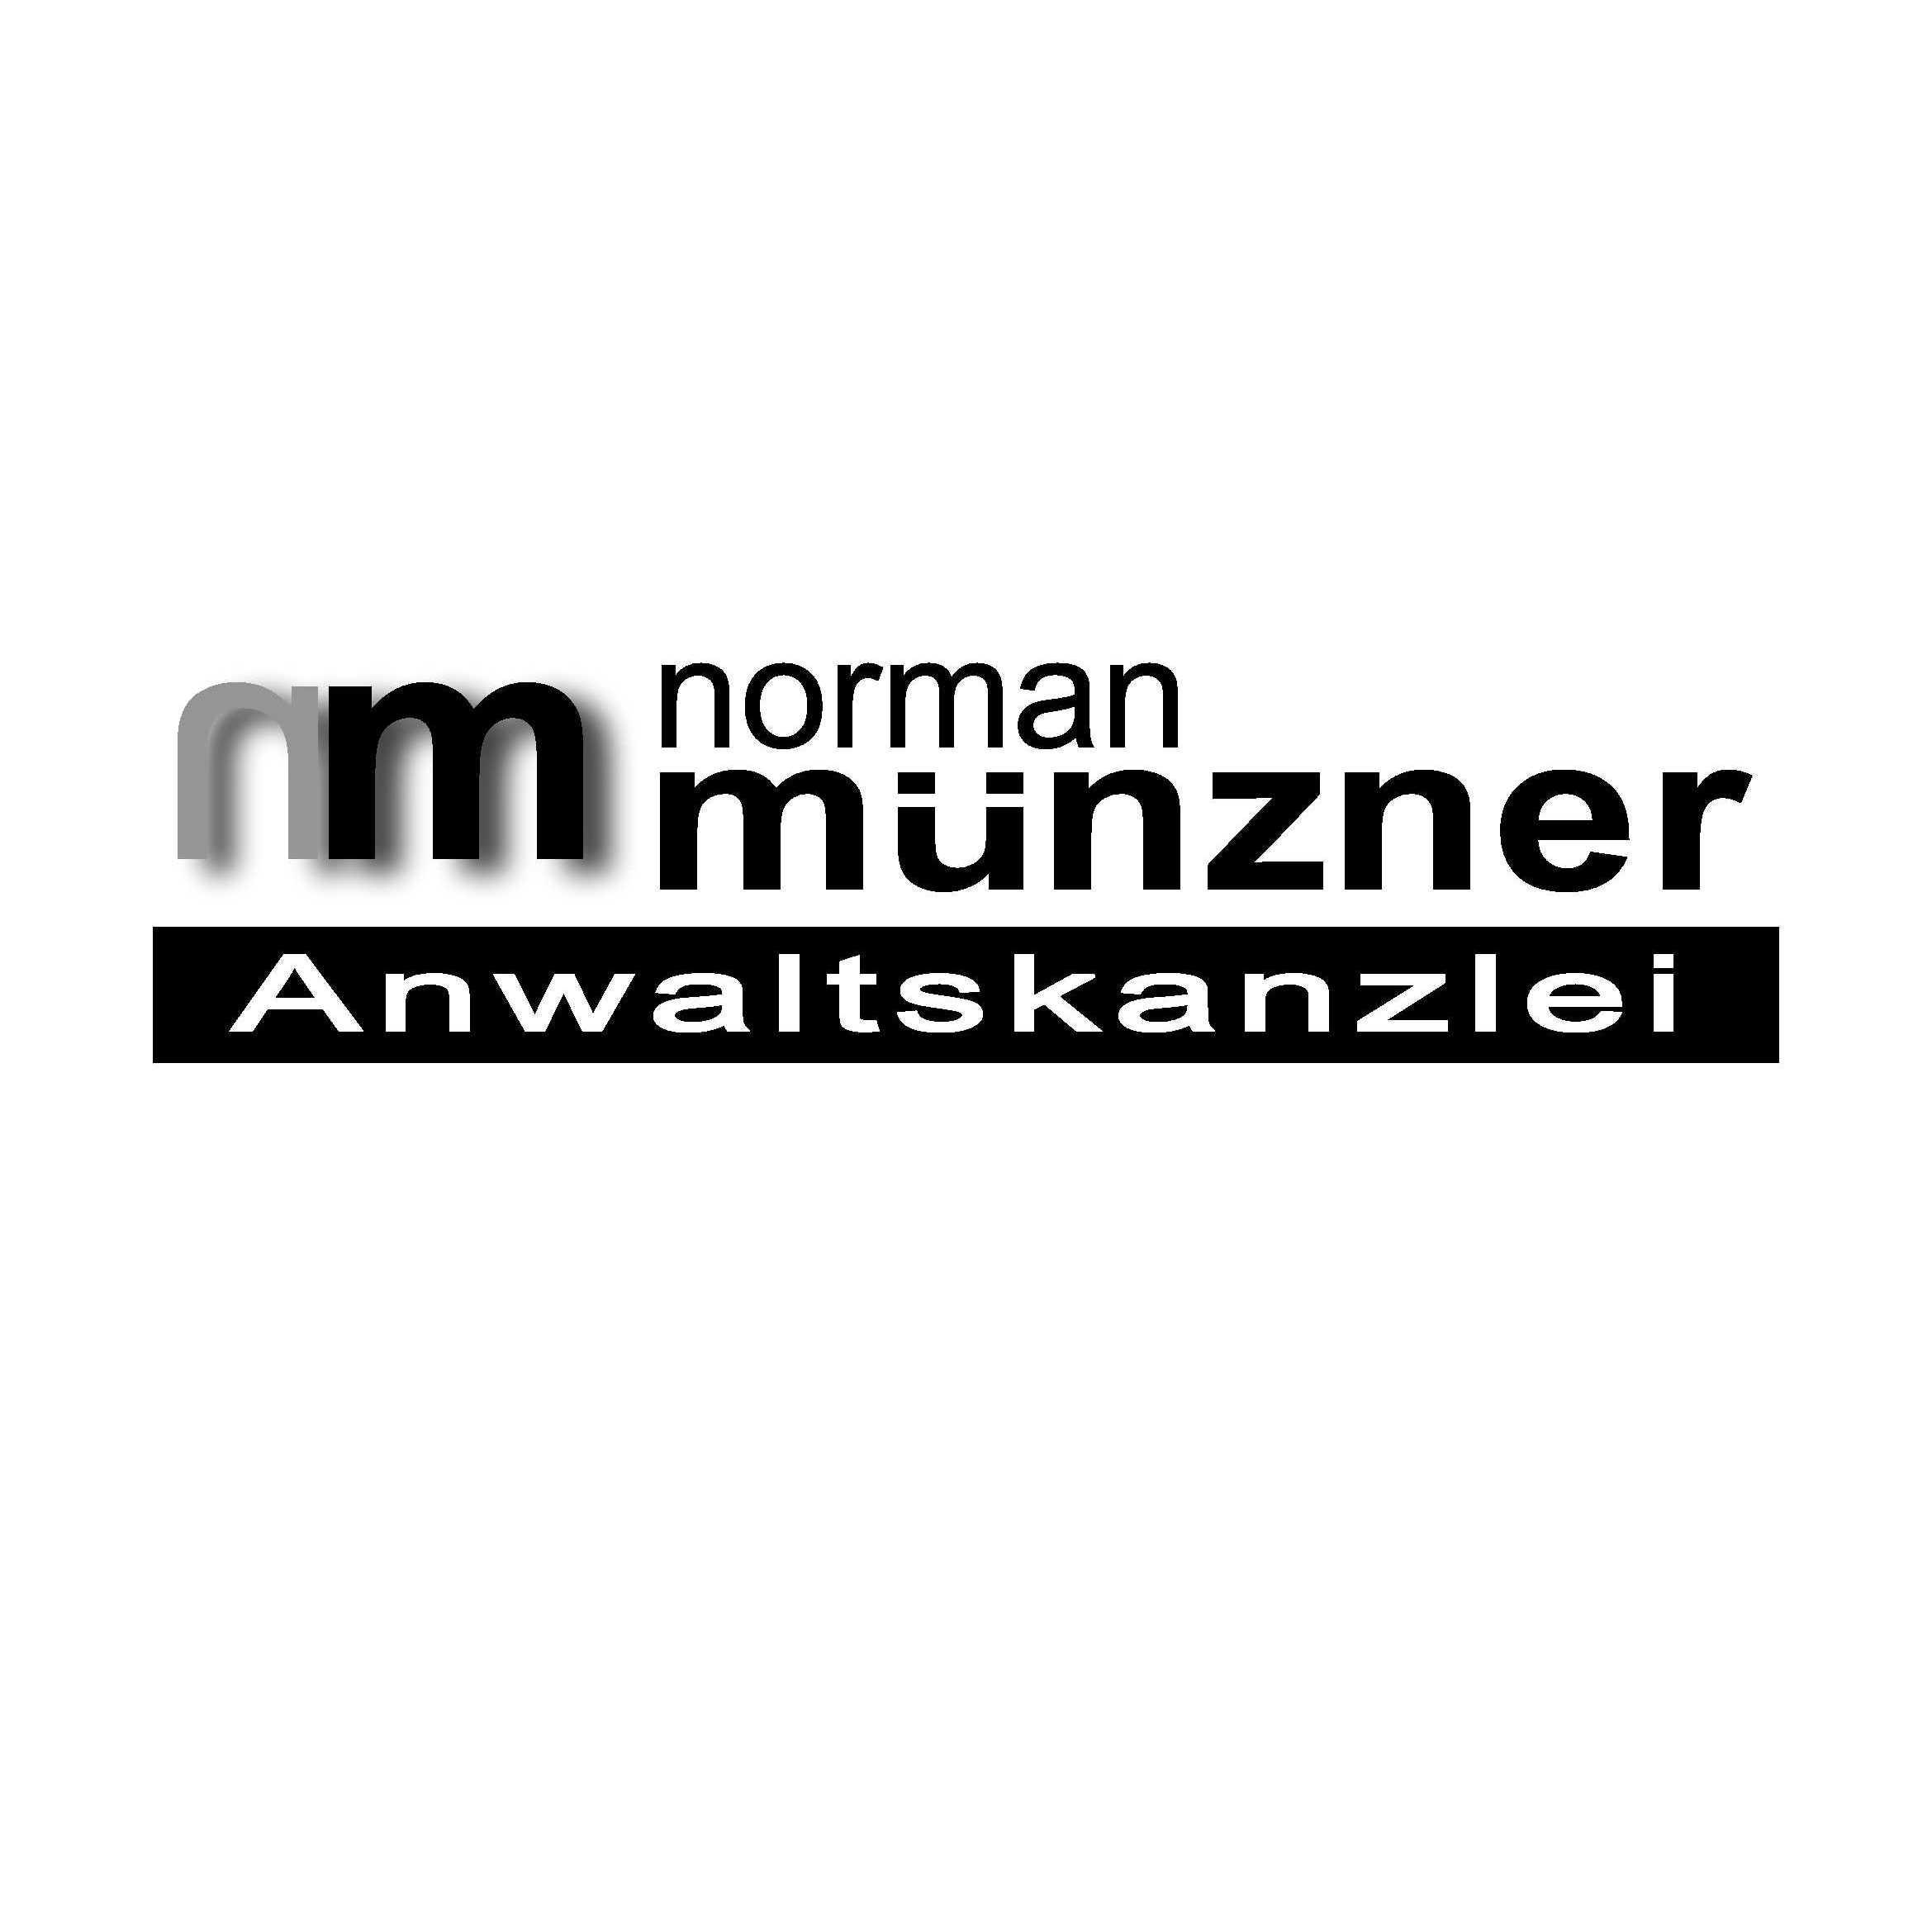 Bild zu Anwaltskanzlei Norman Münzner in Annaberg Buchholz